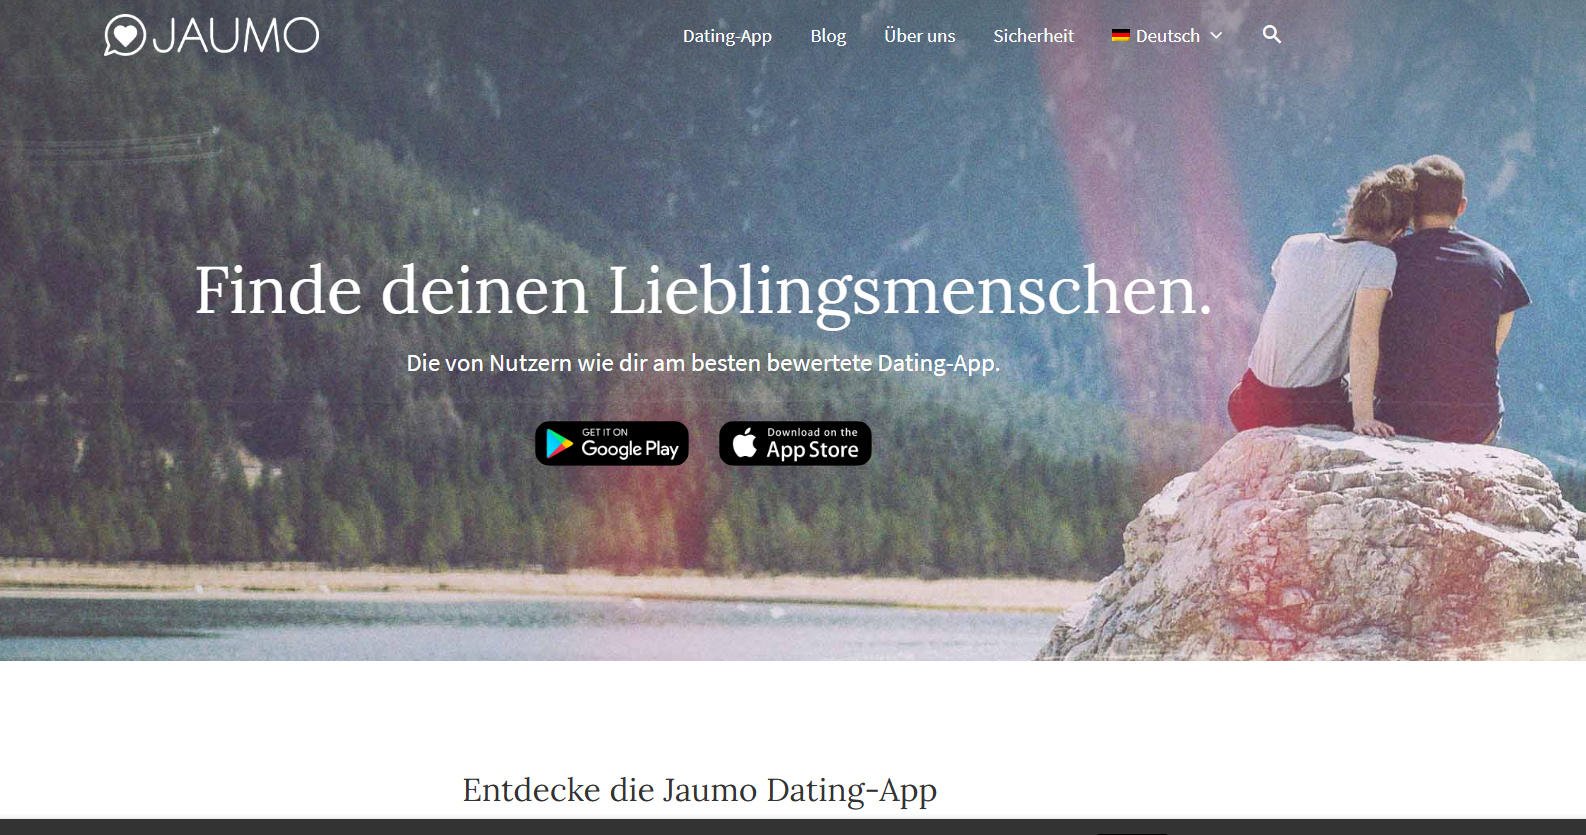 Jaumo Startseite